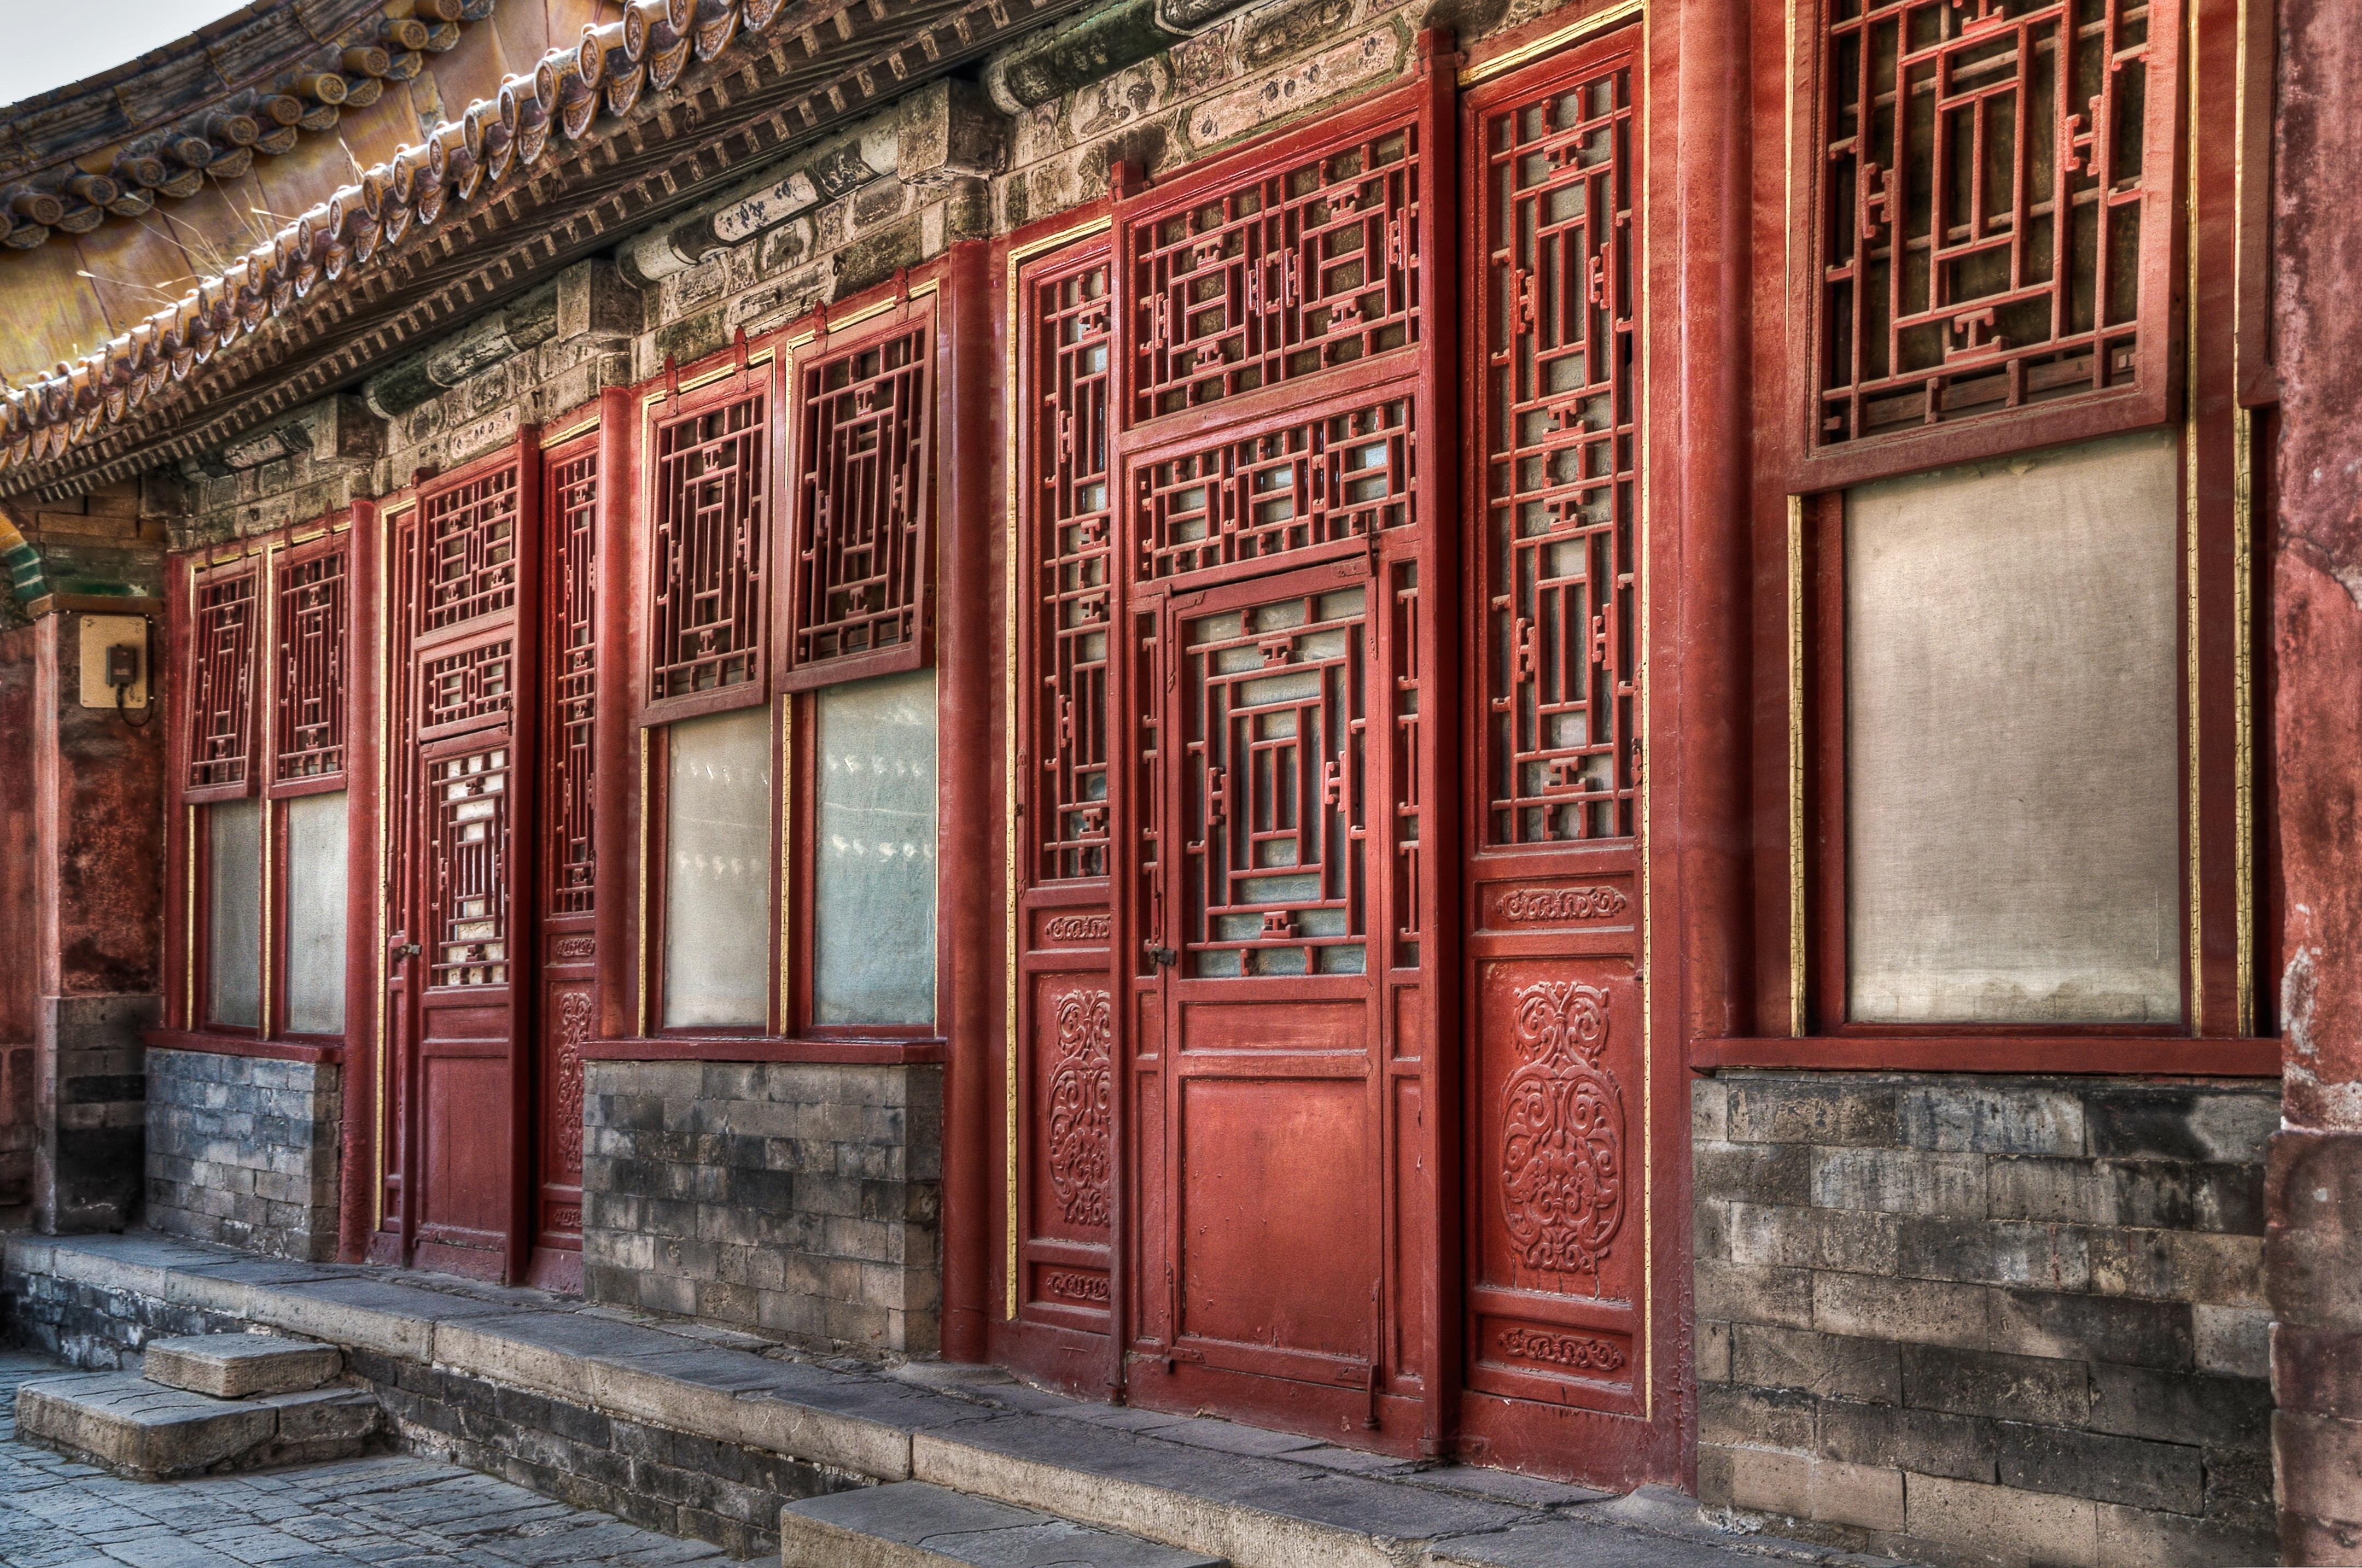 Innenarchitektur Geschichte kostenlose foto die architektur straße fenster gebäude mauer